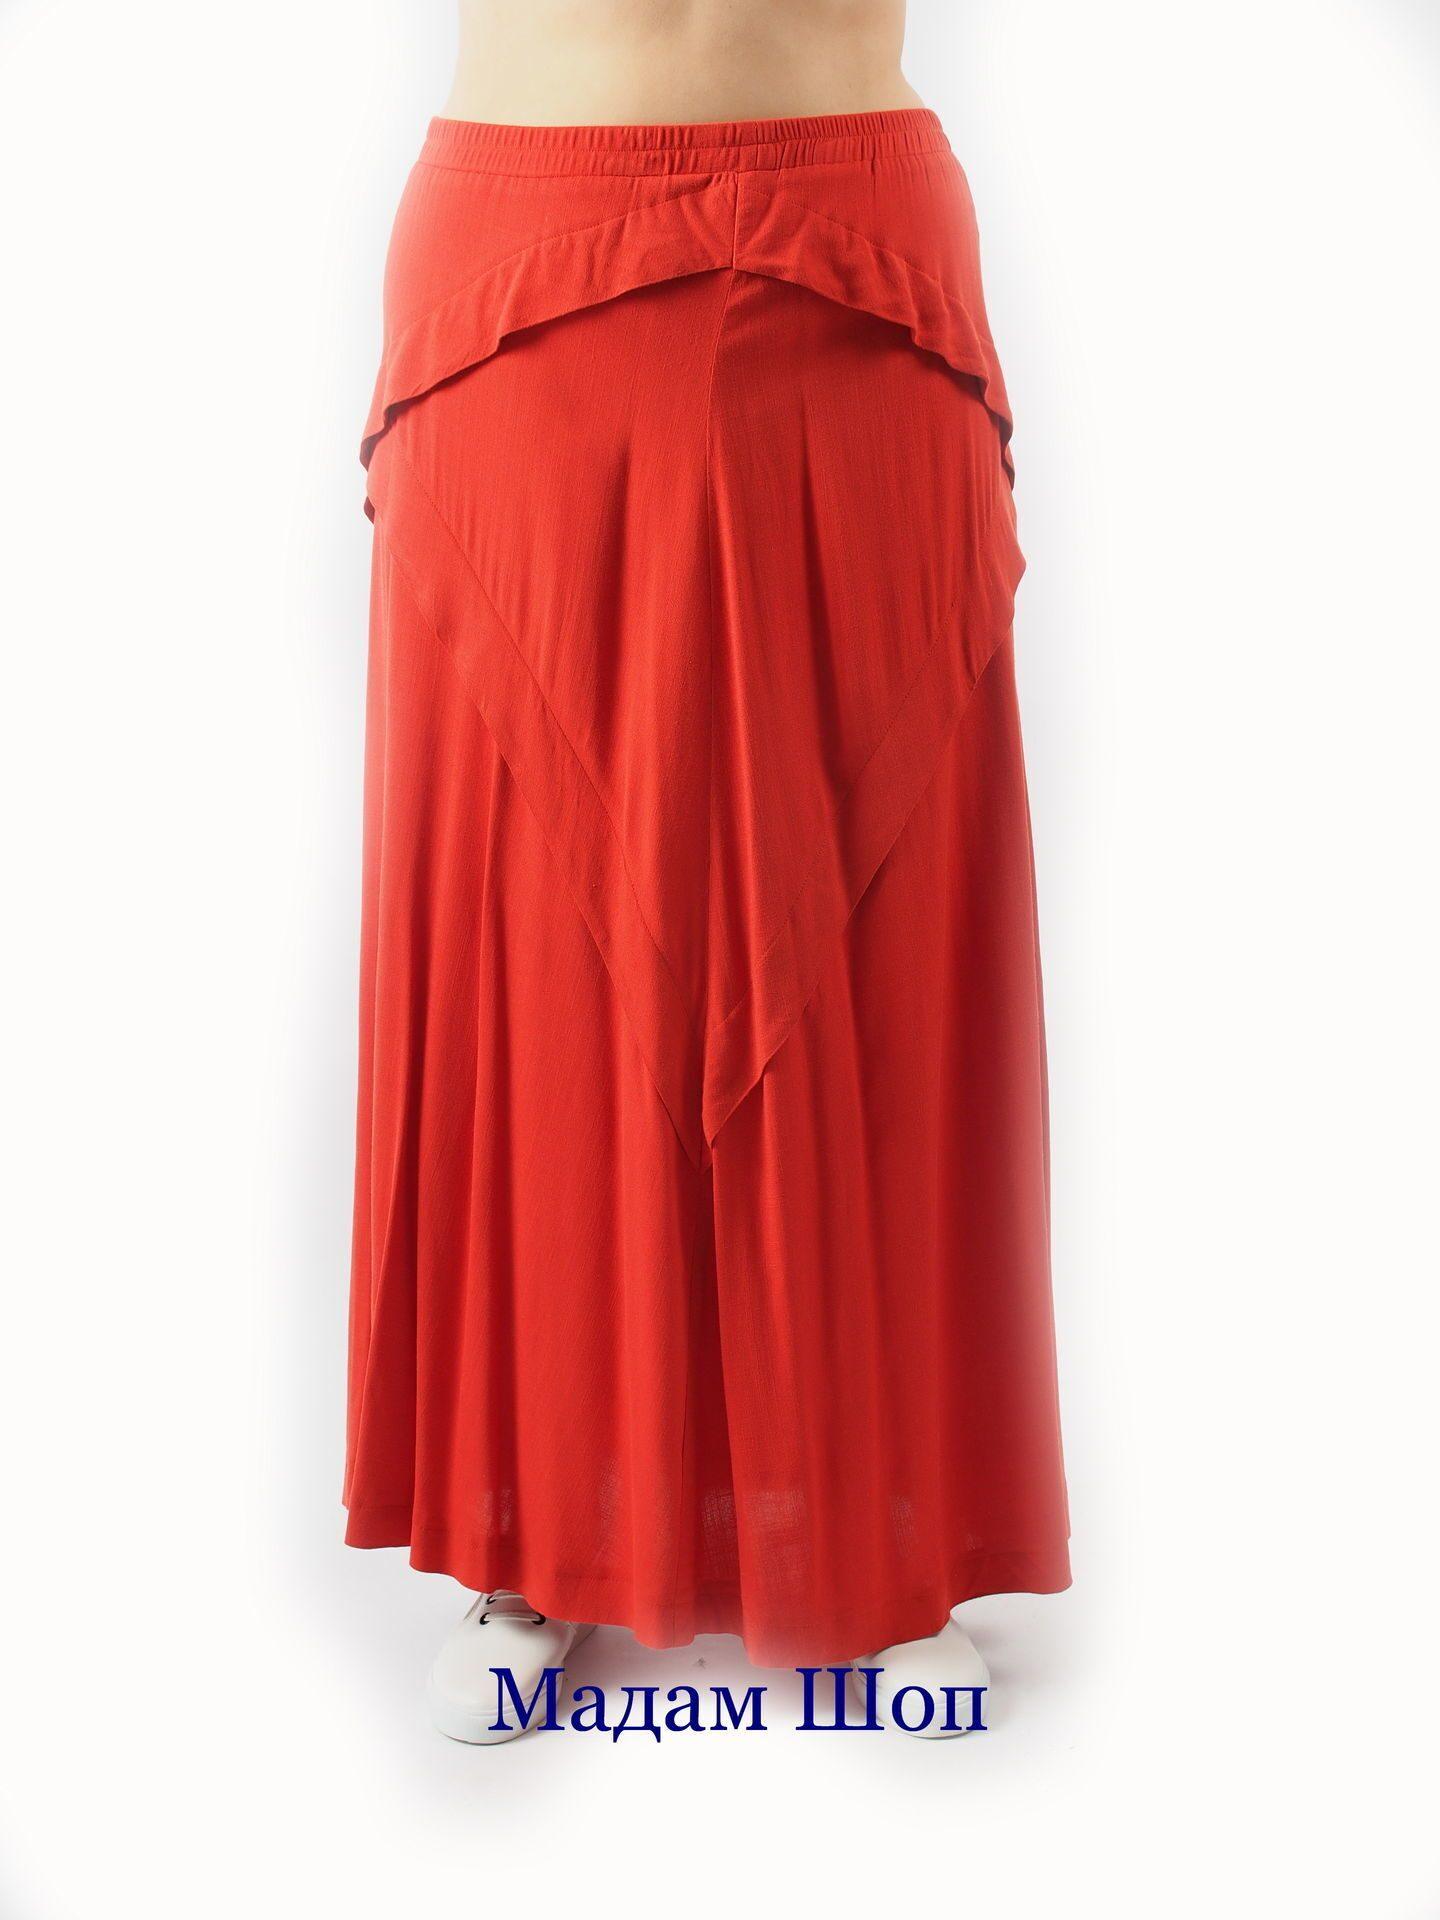 Длинная легкая юбка на резинке. Геометрические акценты, яркий терракотовый  цвет. Декор имитирует пояс 37c14bf1945